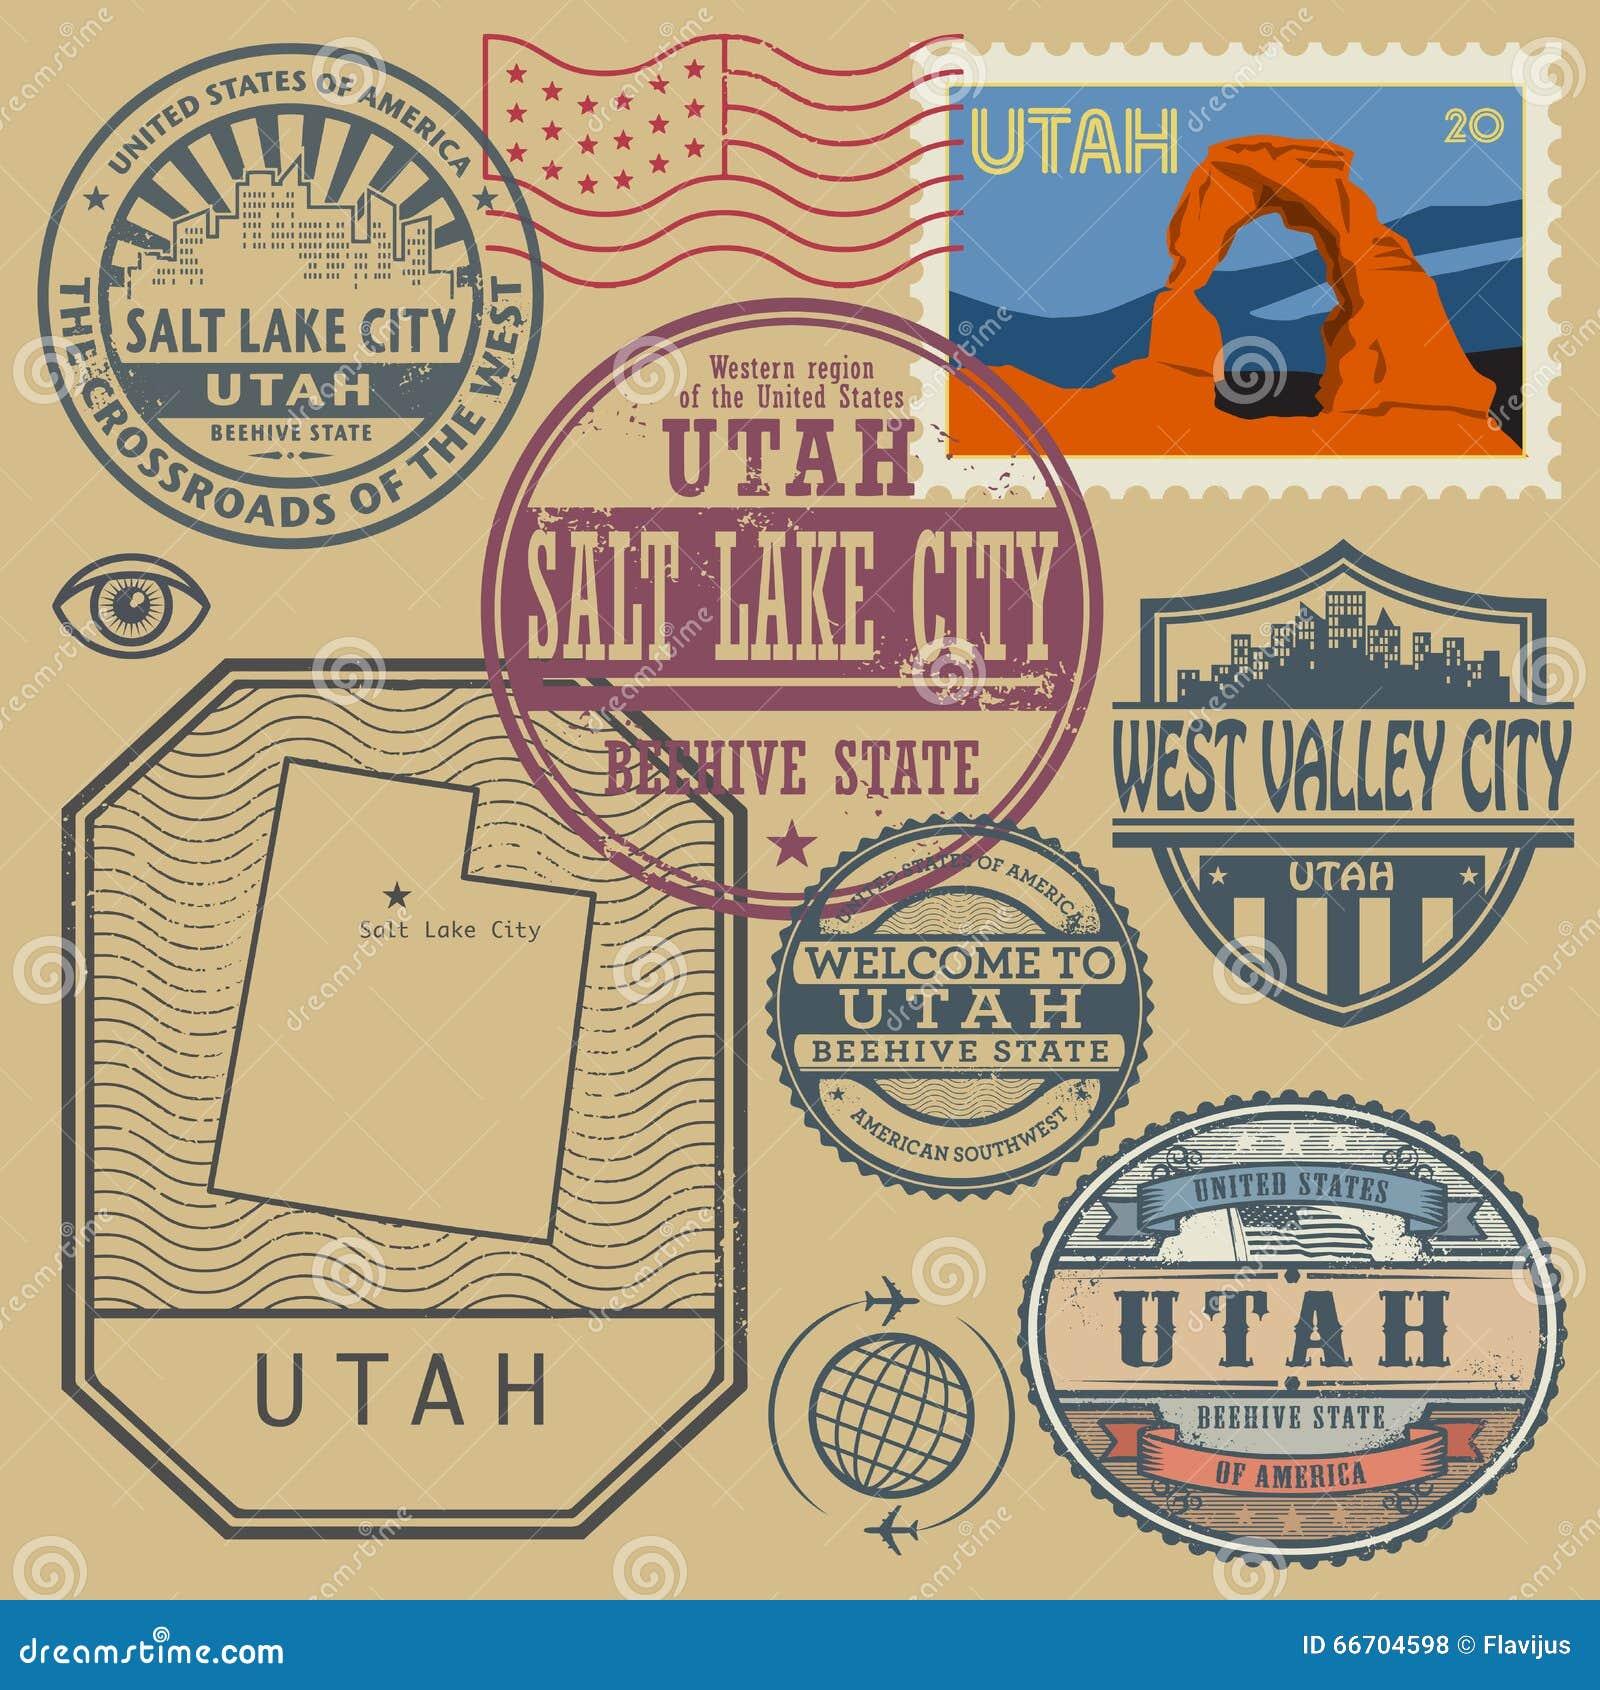 Salt Lake City Utah Printable Vector Street City Plan Map V Utah - Usa zip code utah